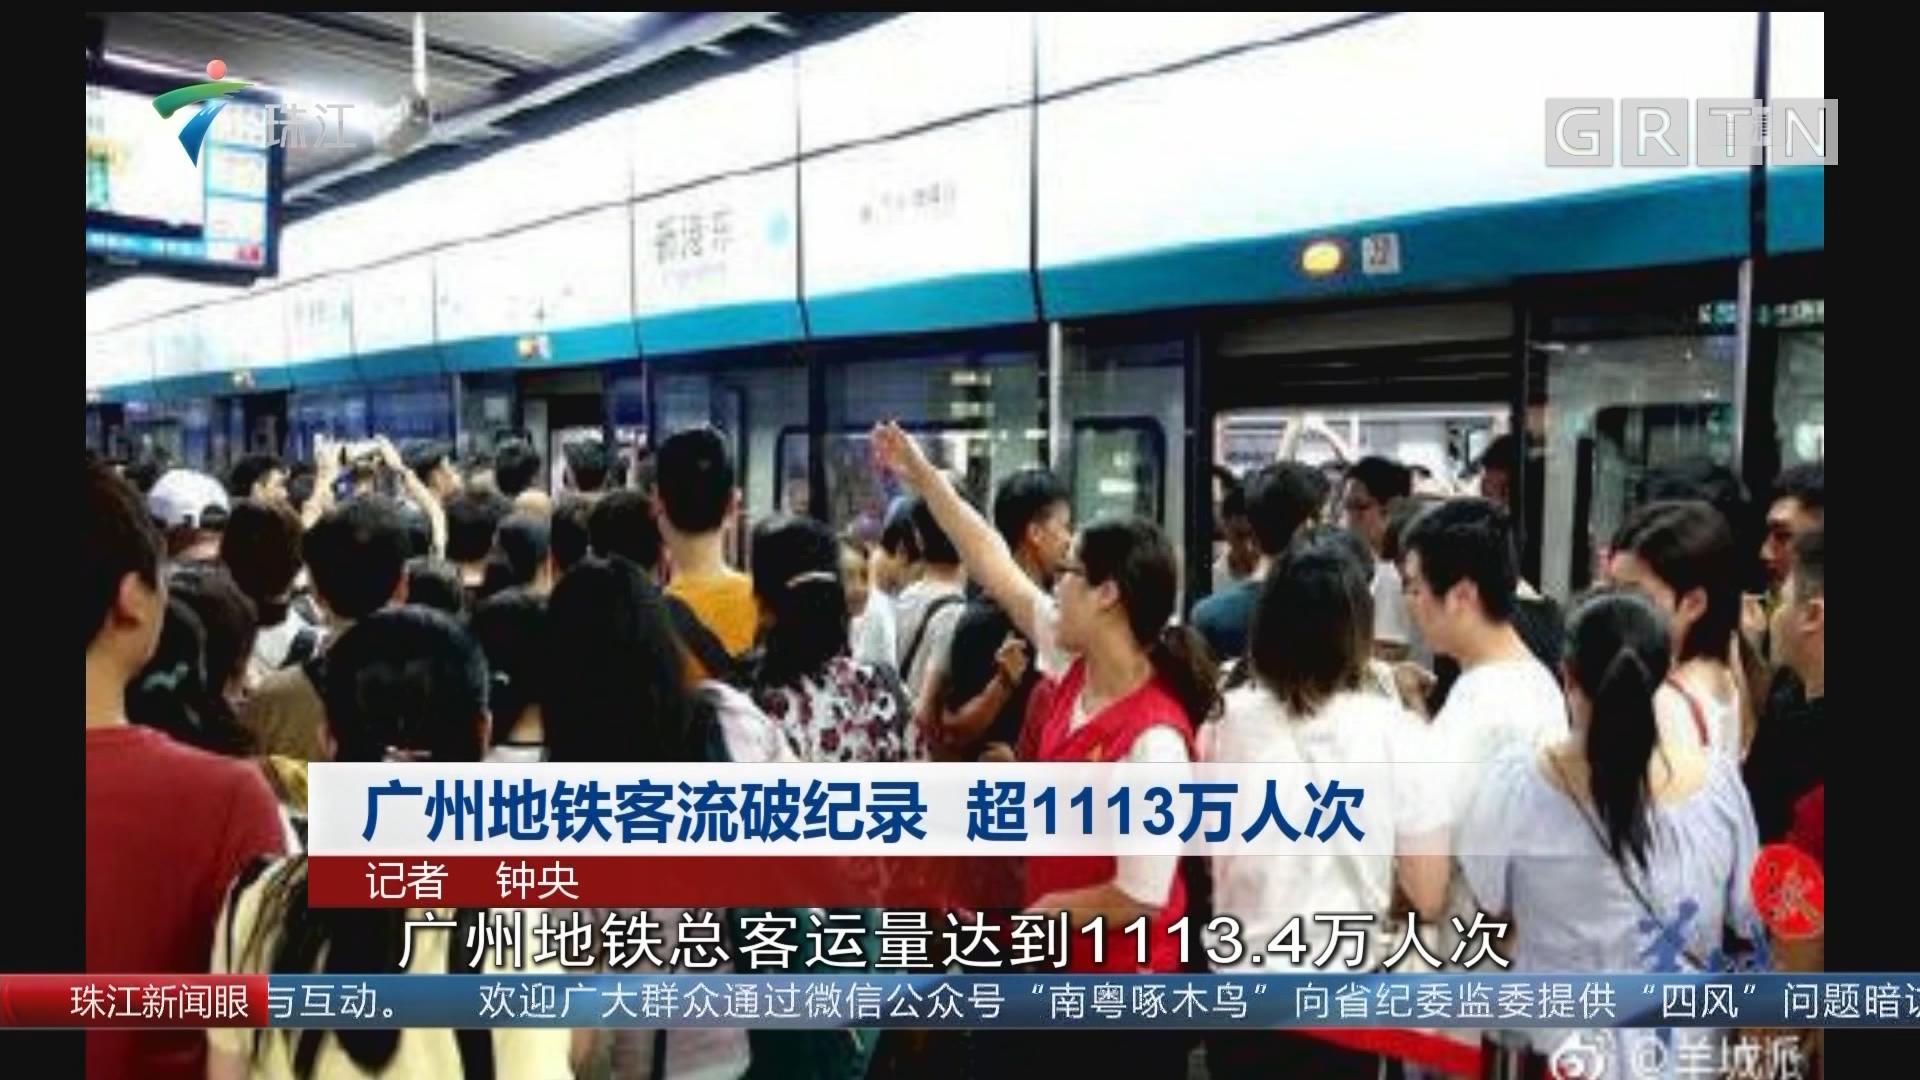 廣州地鐵客流破紀錄 超1113萬人次